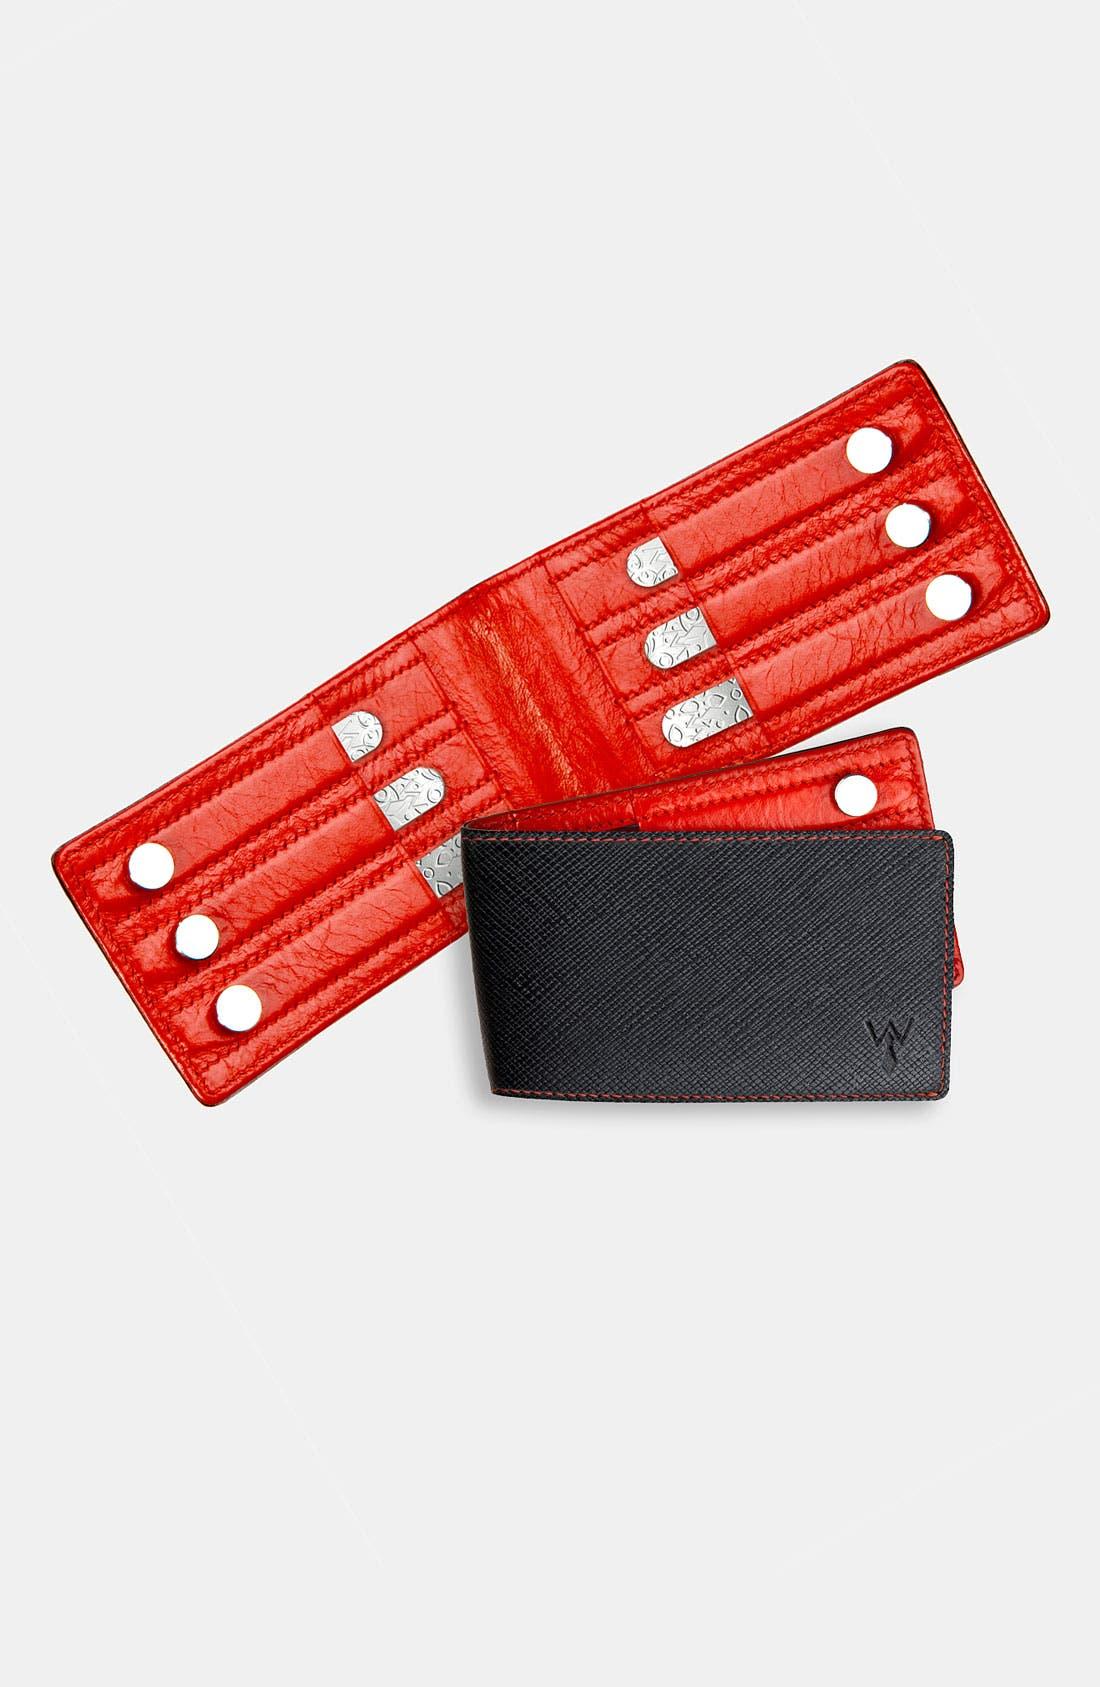 Alternate Image 1 Selected - Würkin Stiffs 'Designer Edition - Power' Collar Stays (6-Piece Set)